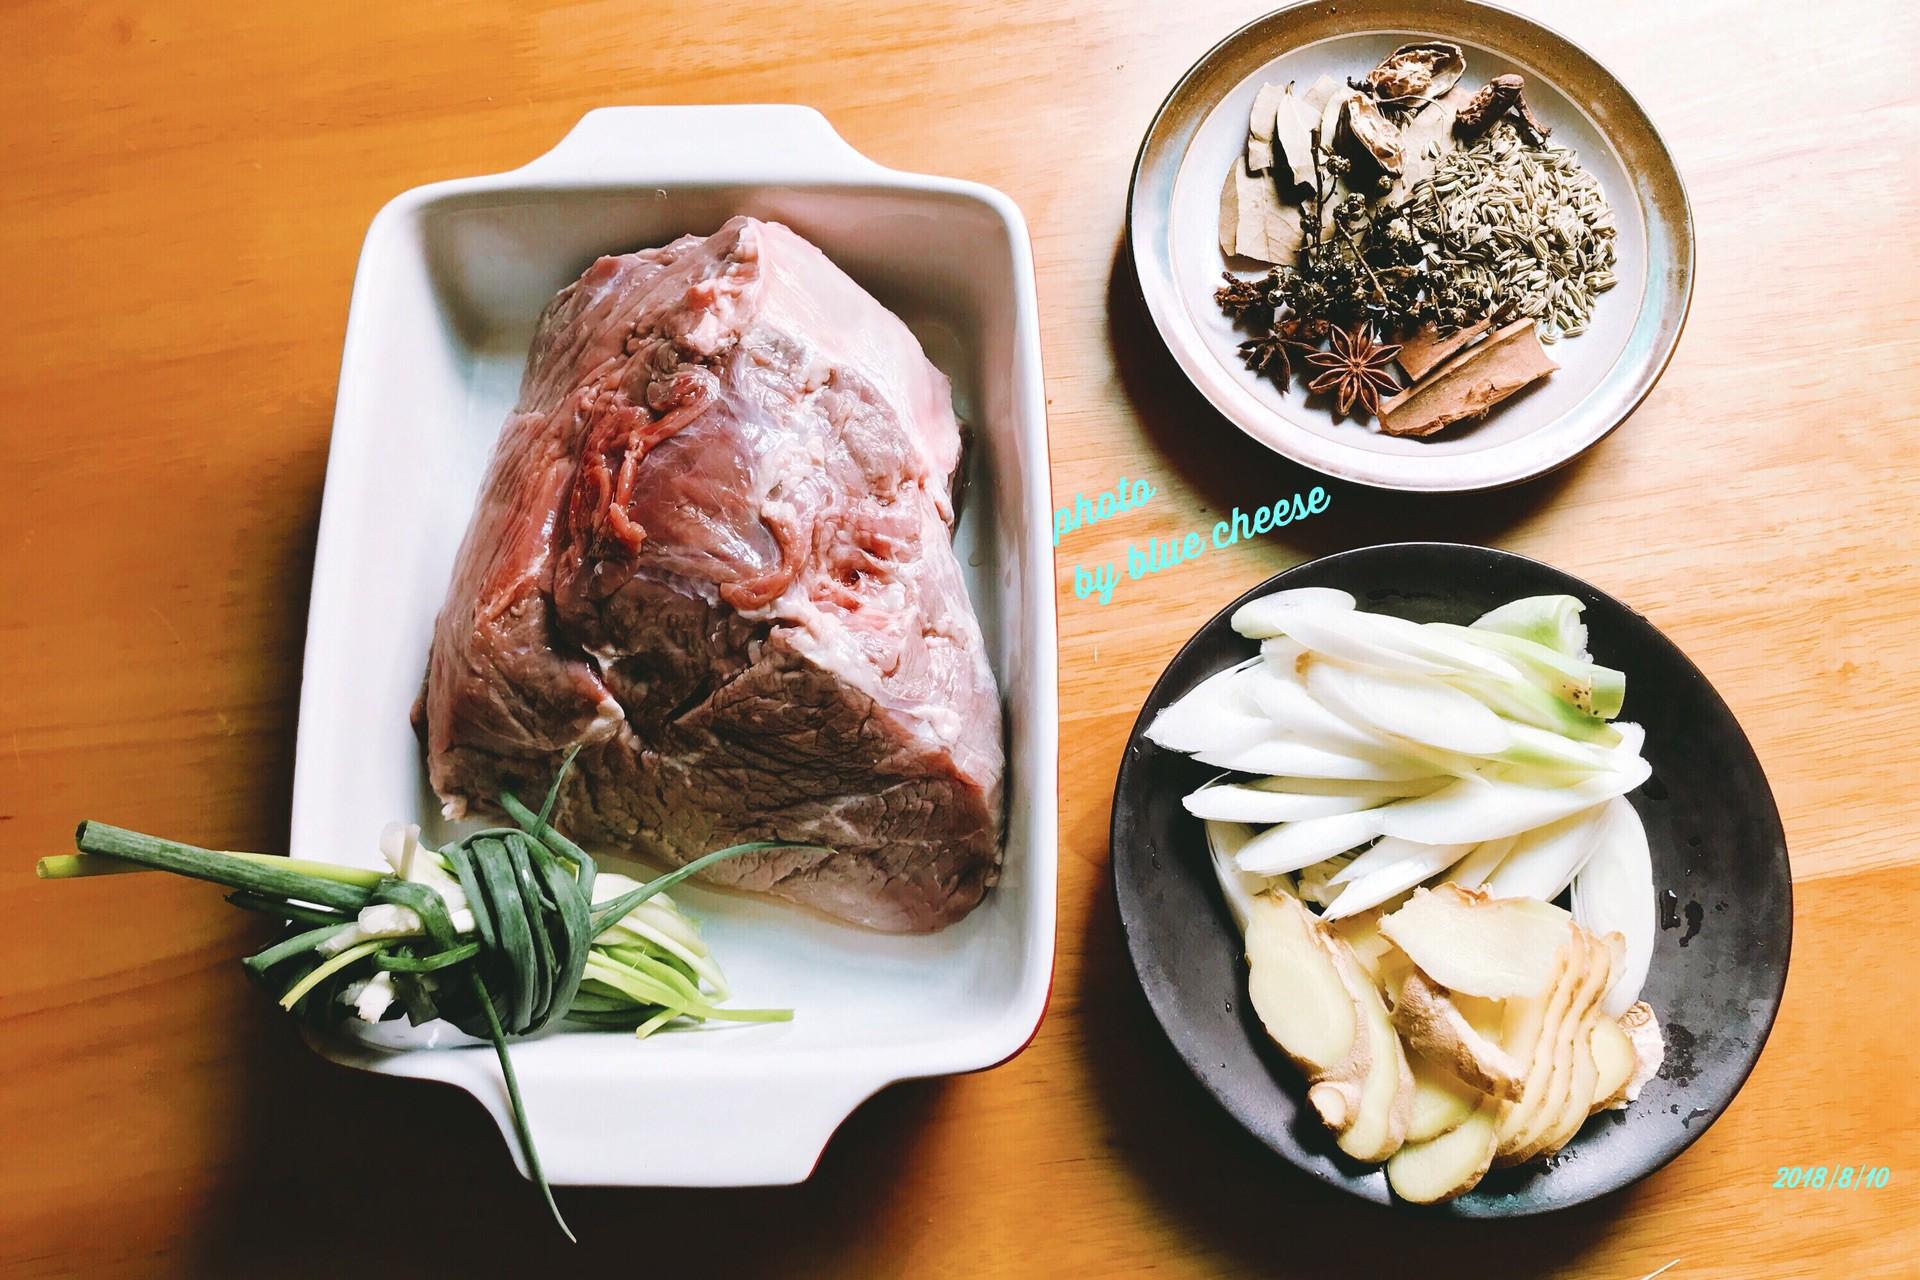 Từ khi có công thức làm thịt bò khô này, tôi không bao giờ làm thịt bò khô theo cách cũ nữa - Ảnh 1